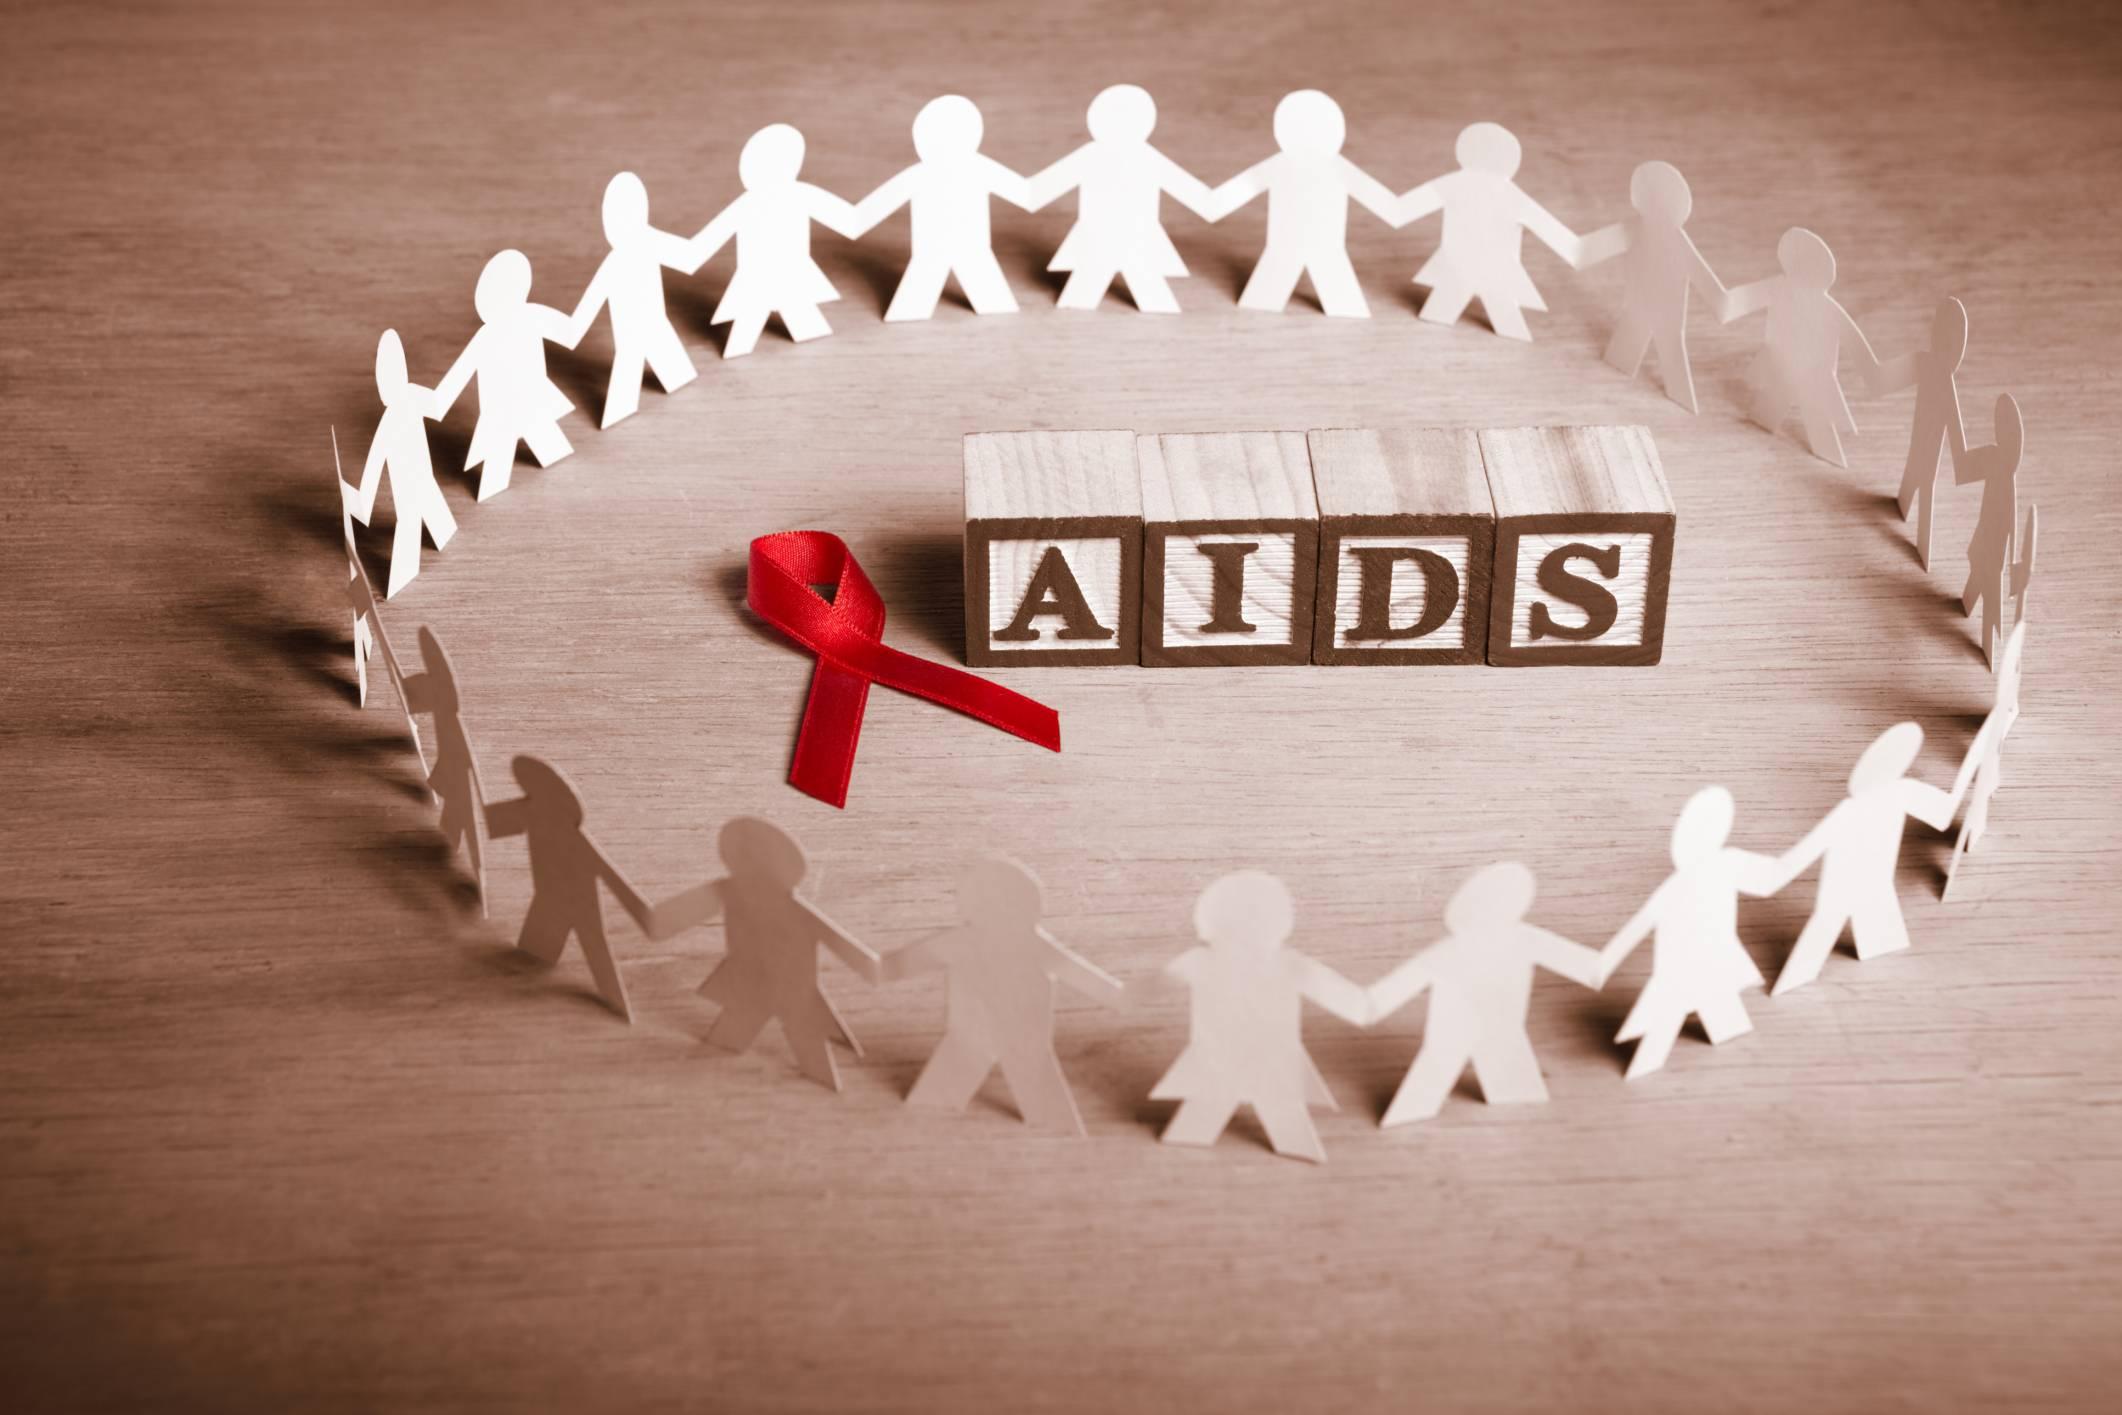 آنتی بادی که با ایدز مبارزه می کند